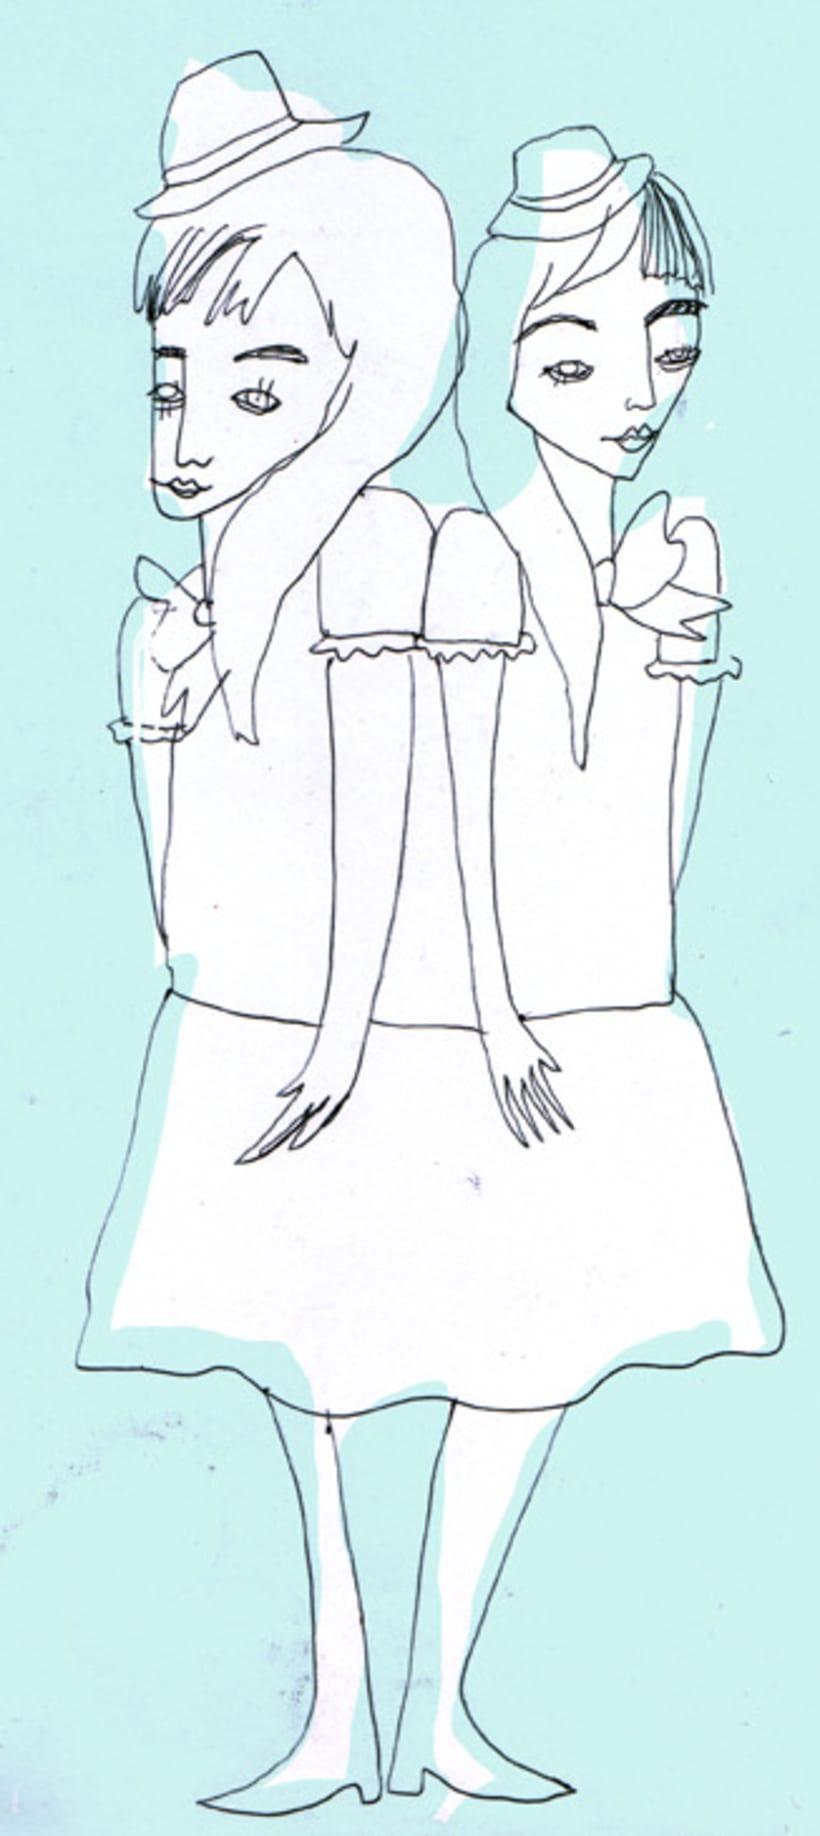 Ilustraciones libres 8